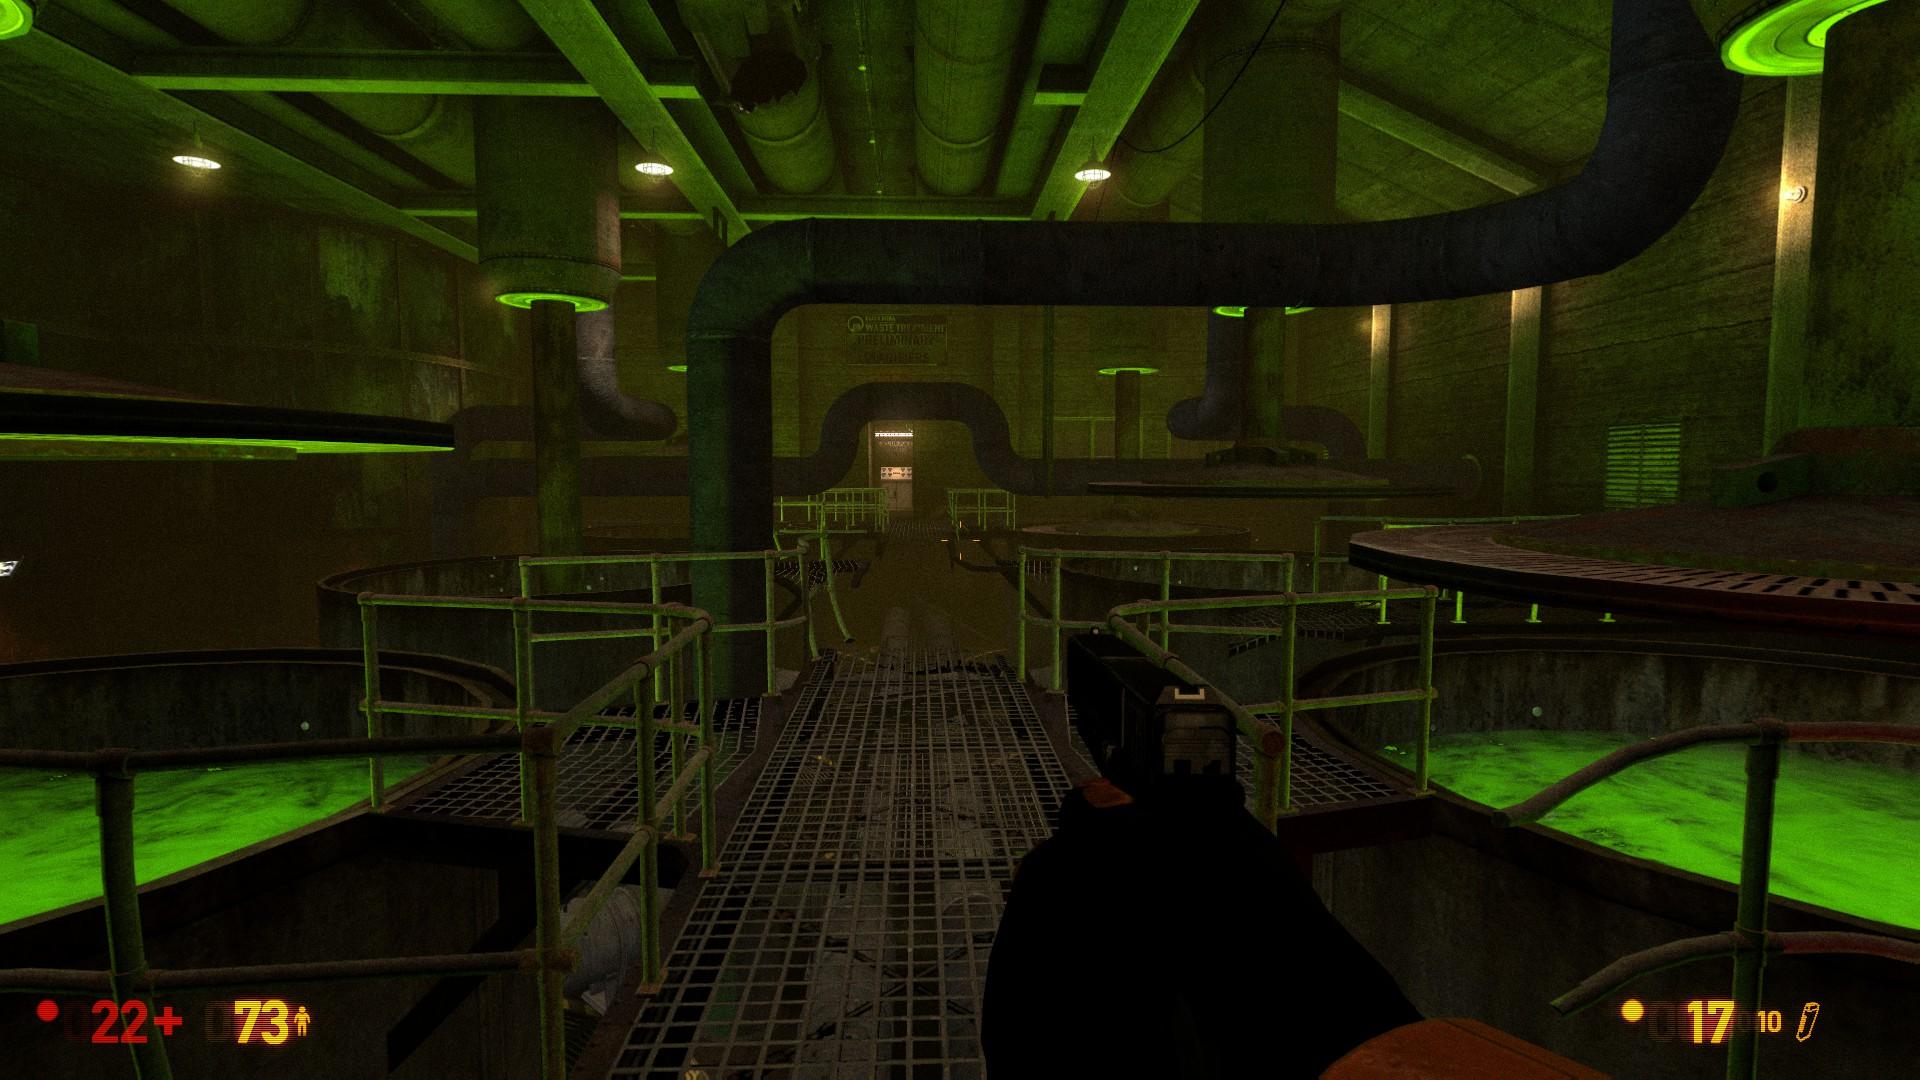 Black Mesa Glock in game graphics